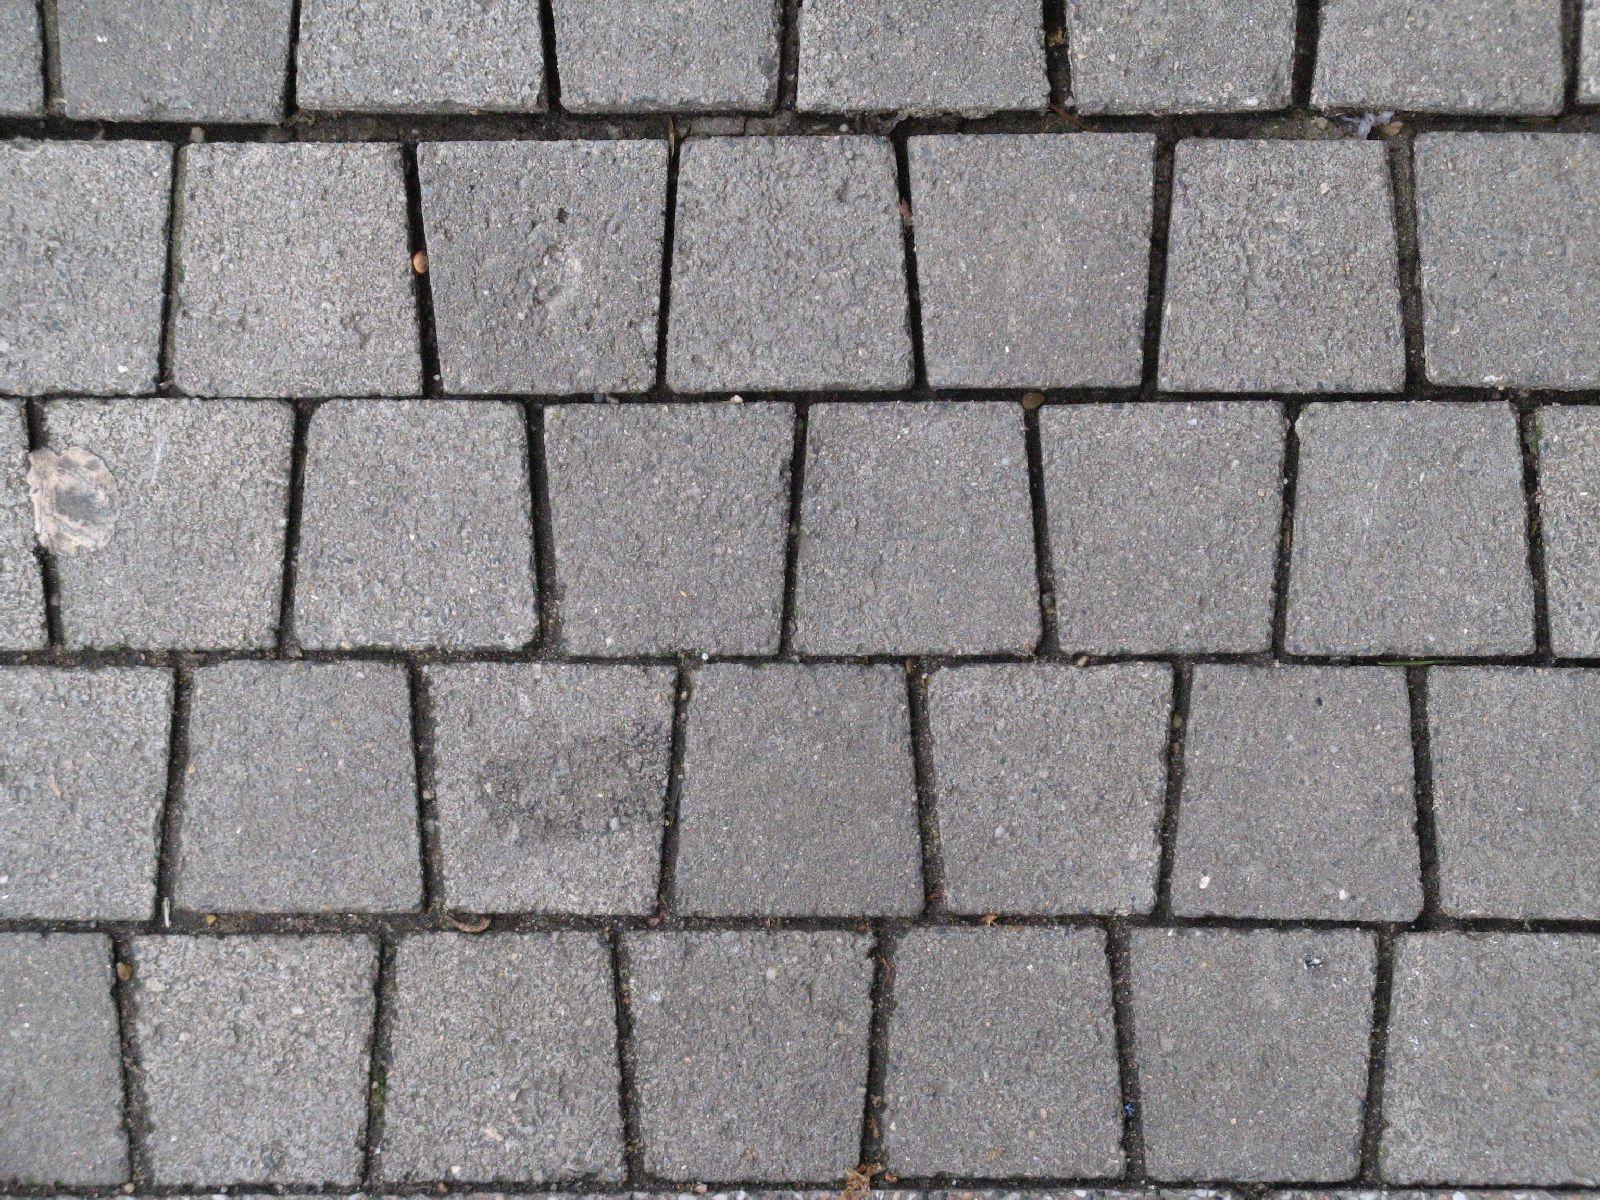 Ground-Urban_Texture_B_02357